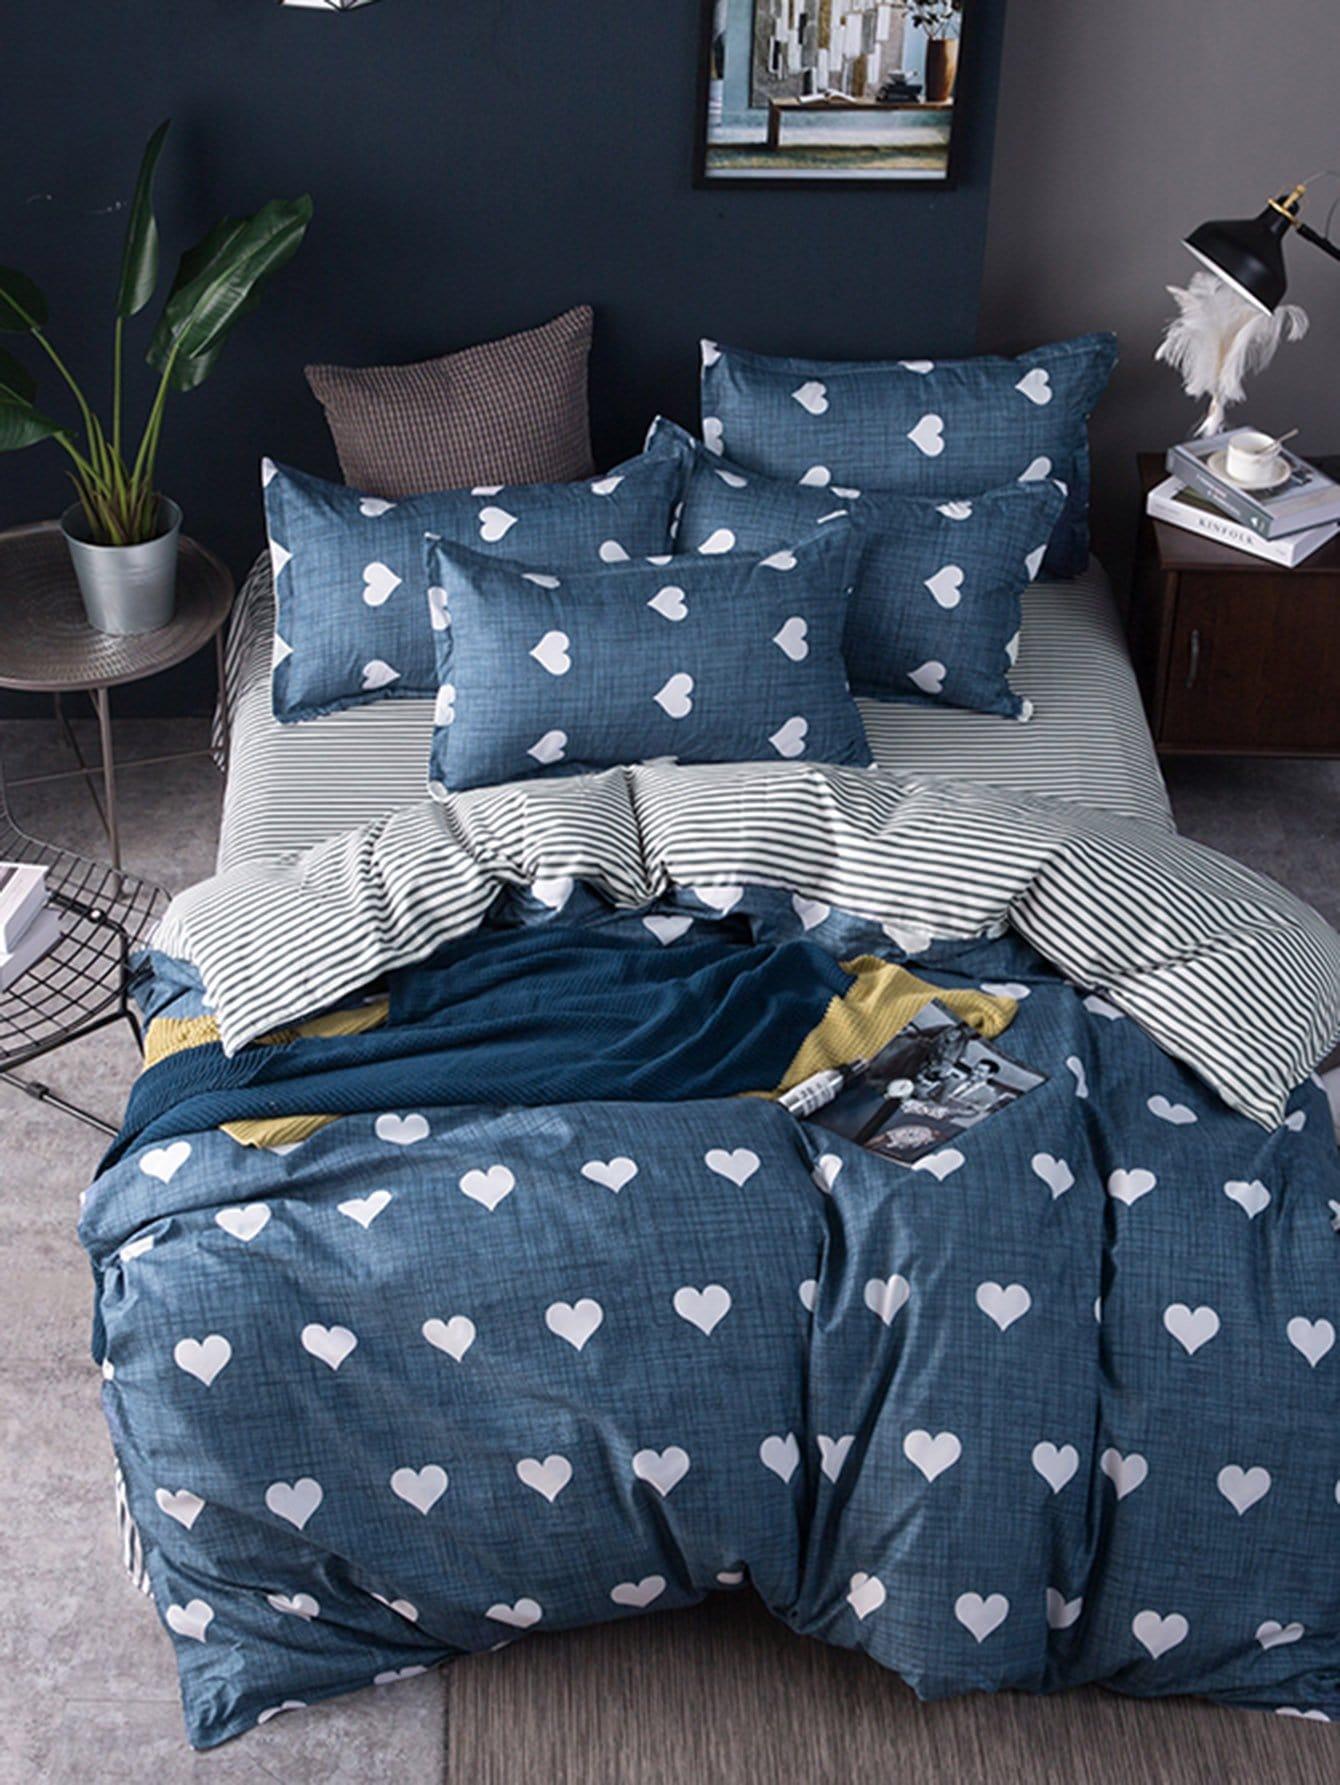 Купить Комплект для кровати с принтом, null, SheIn